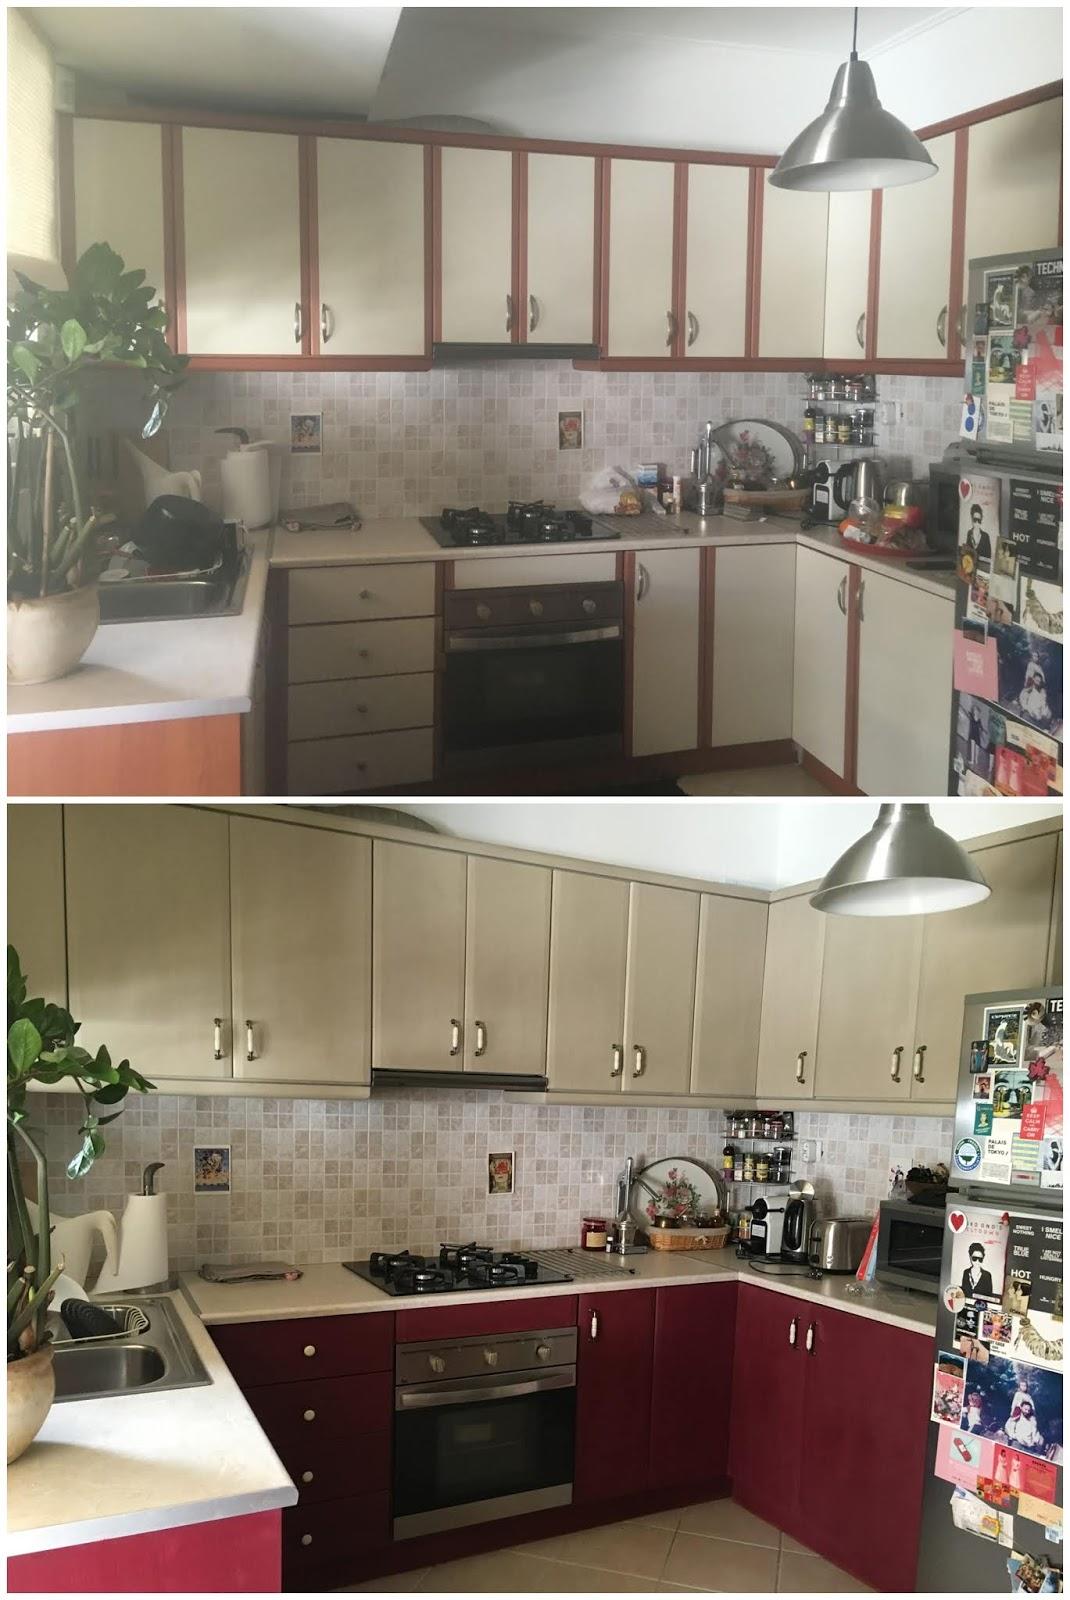 Αφιέρωμα: Κουζίνα! Έλα στην κουζίνα, βάζω καφέ! 9 Annie Sloan Greece